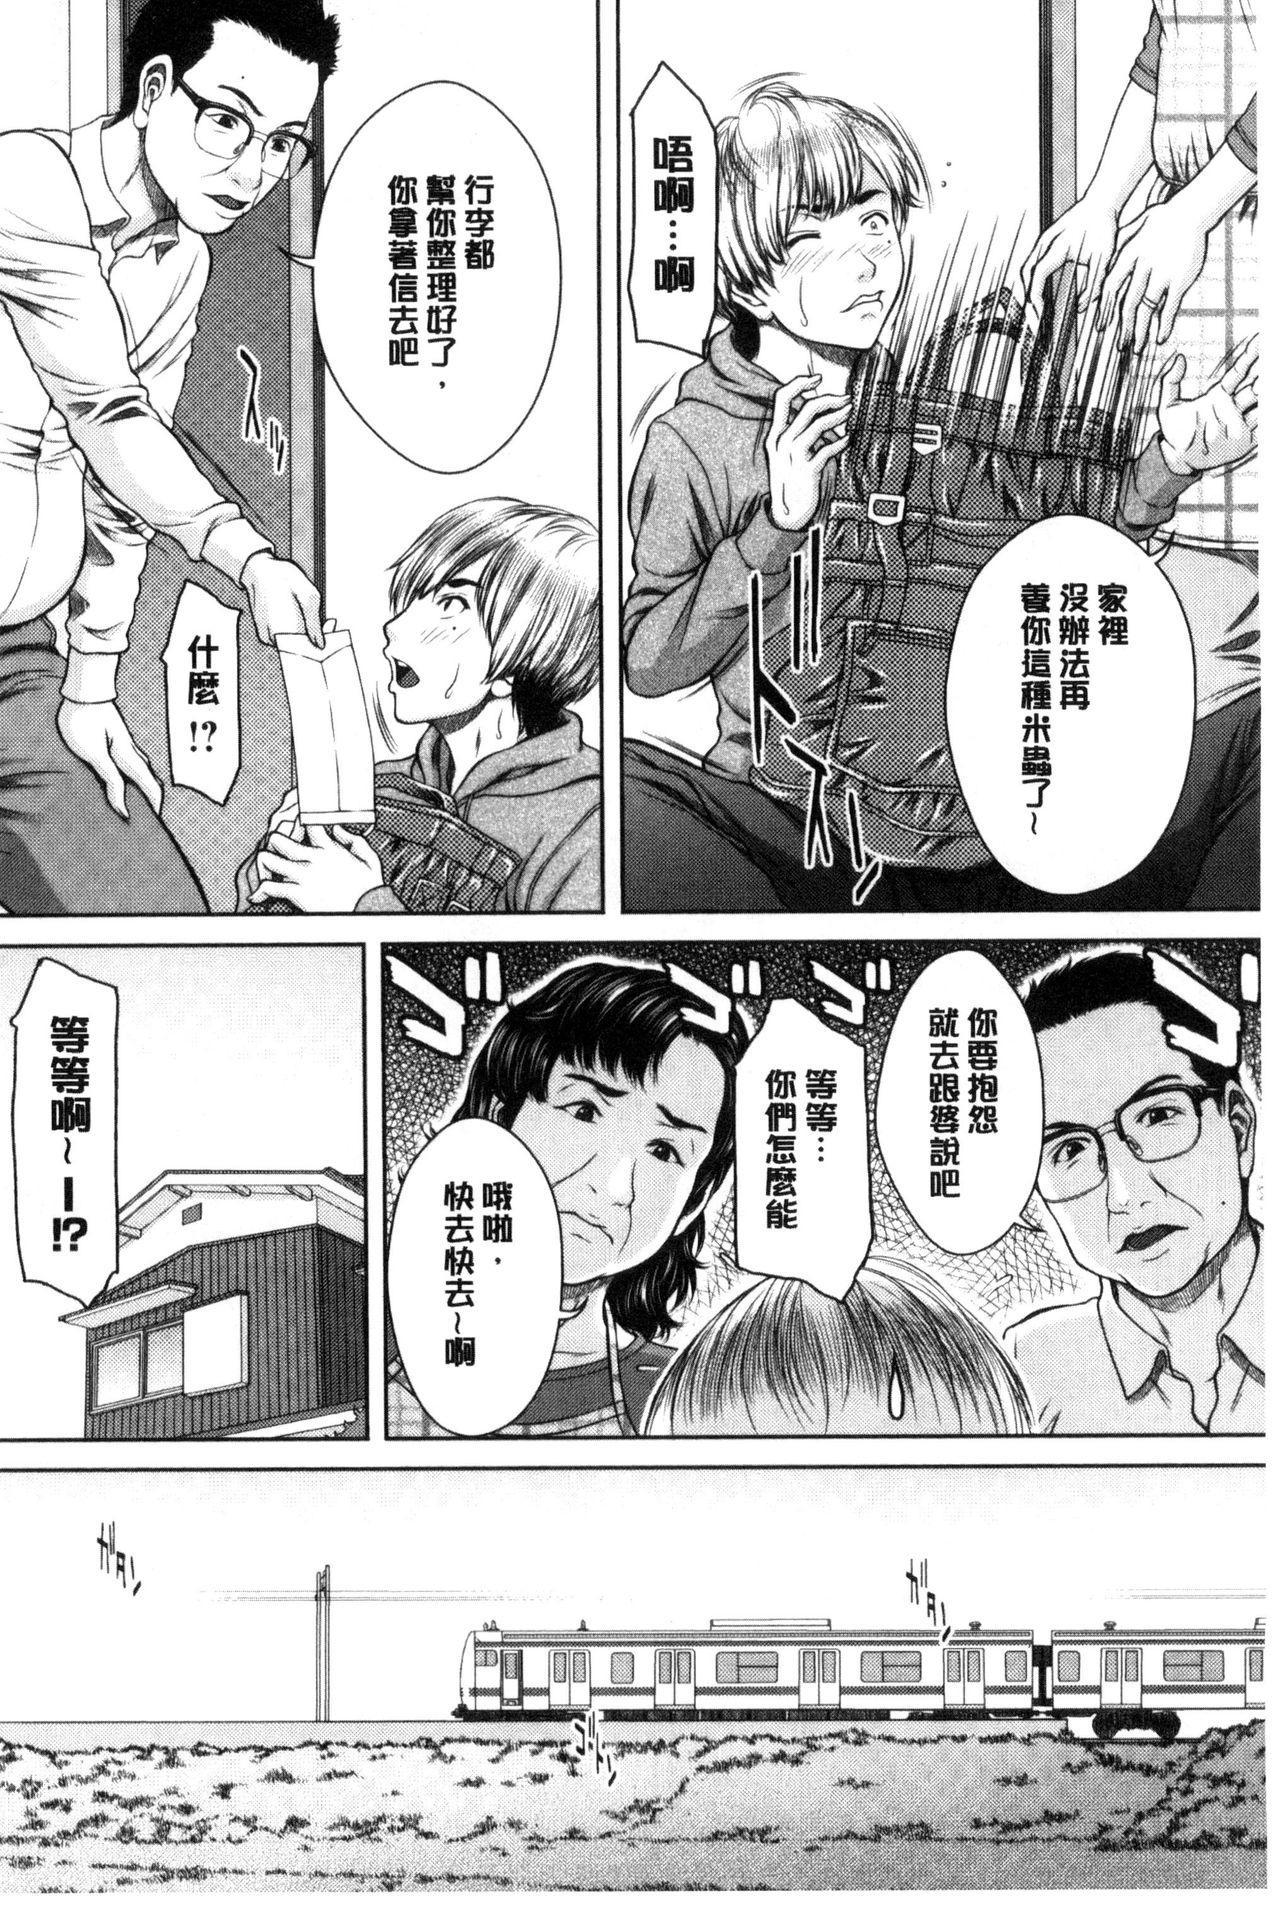 Mesukano Inbina Mesu Kanojotachi To No Hibi 72